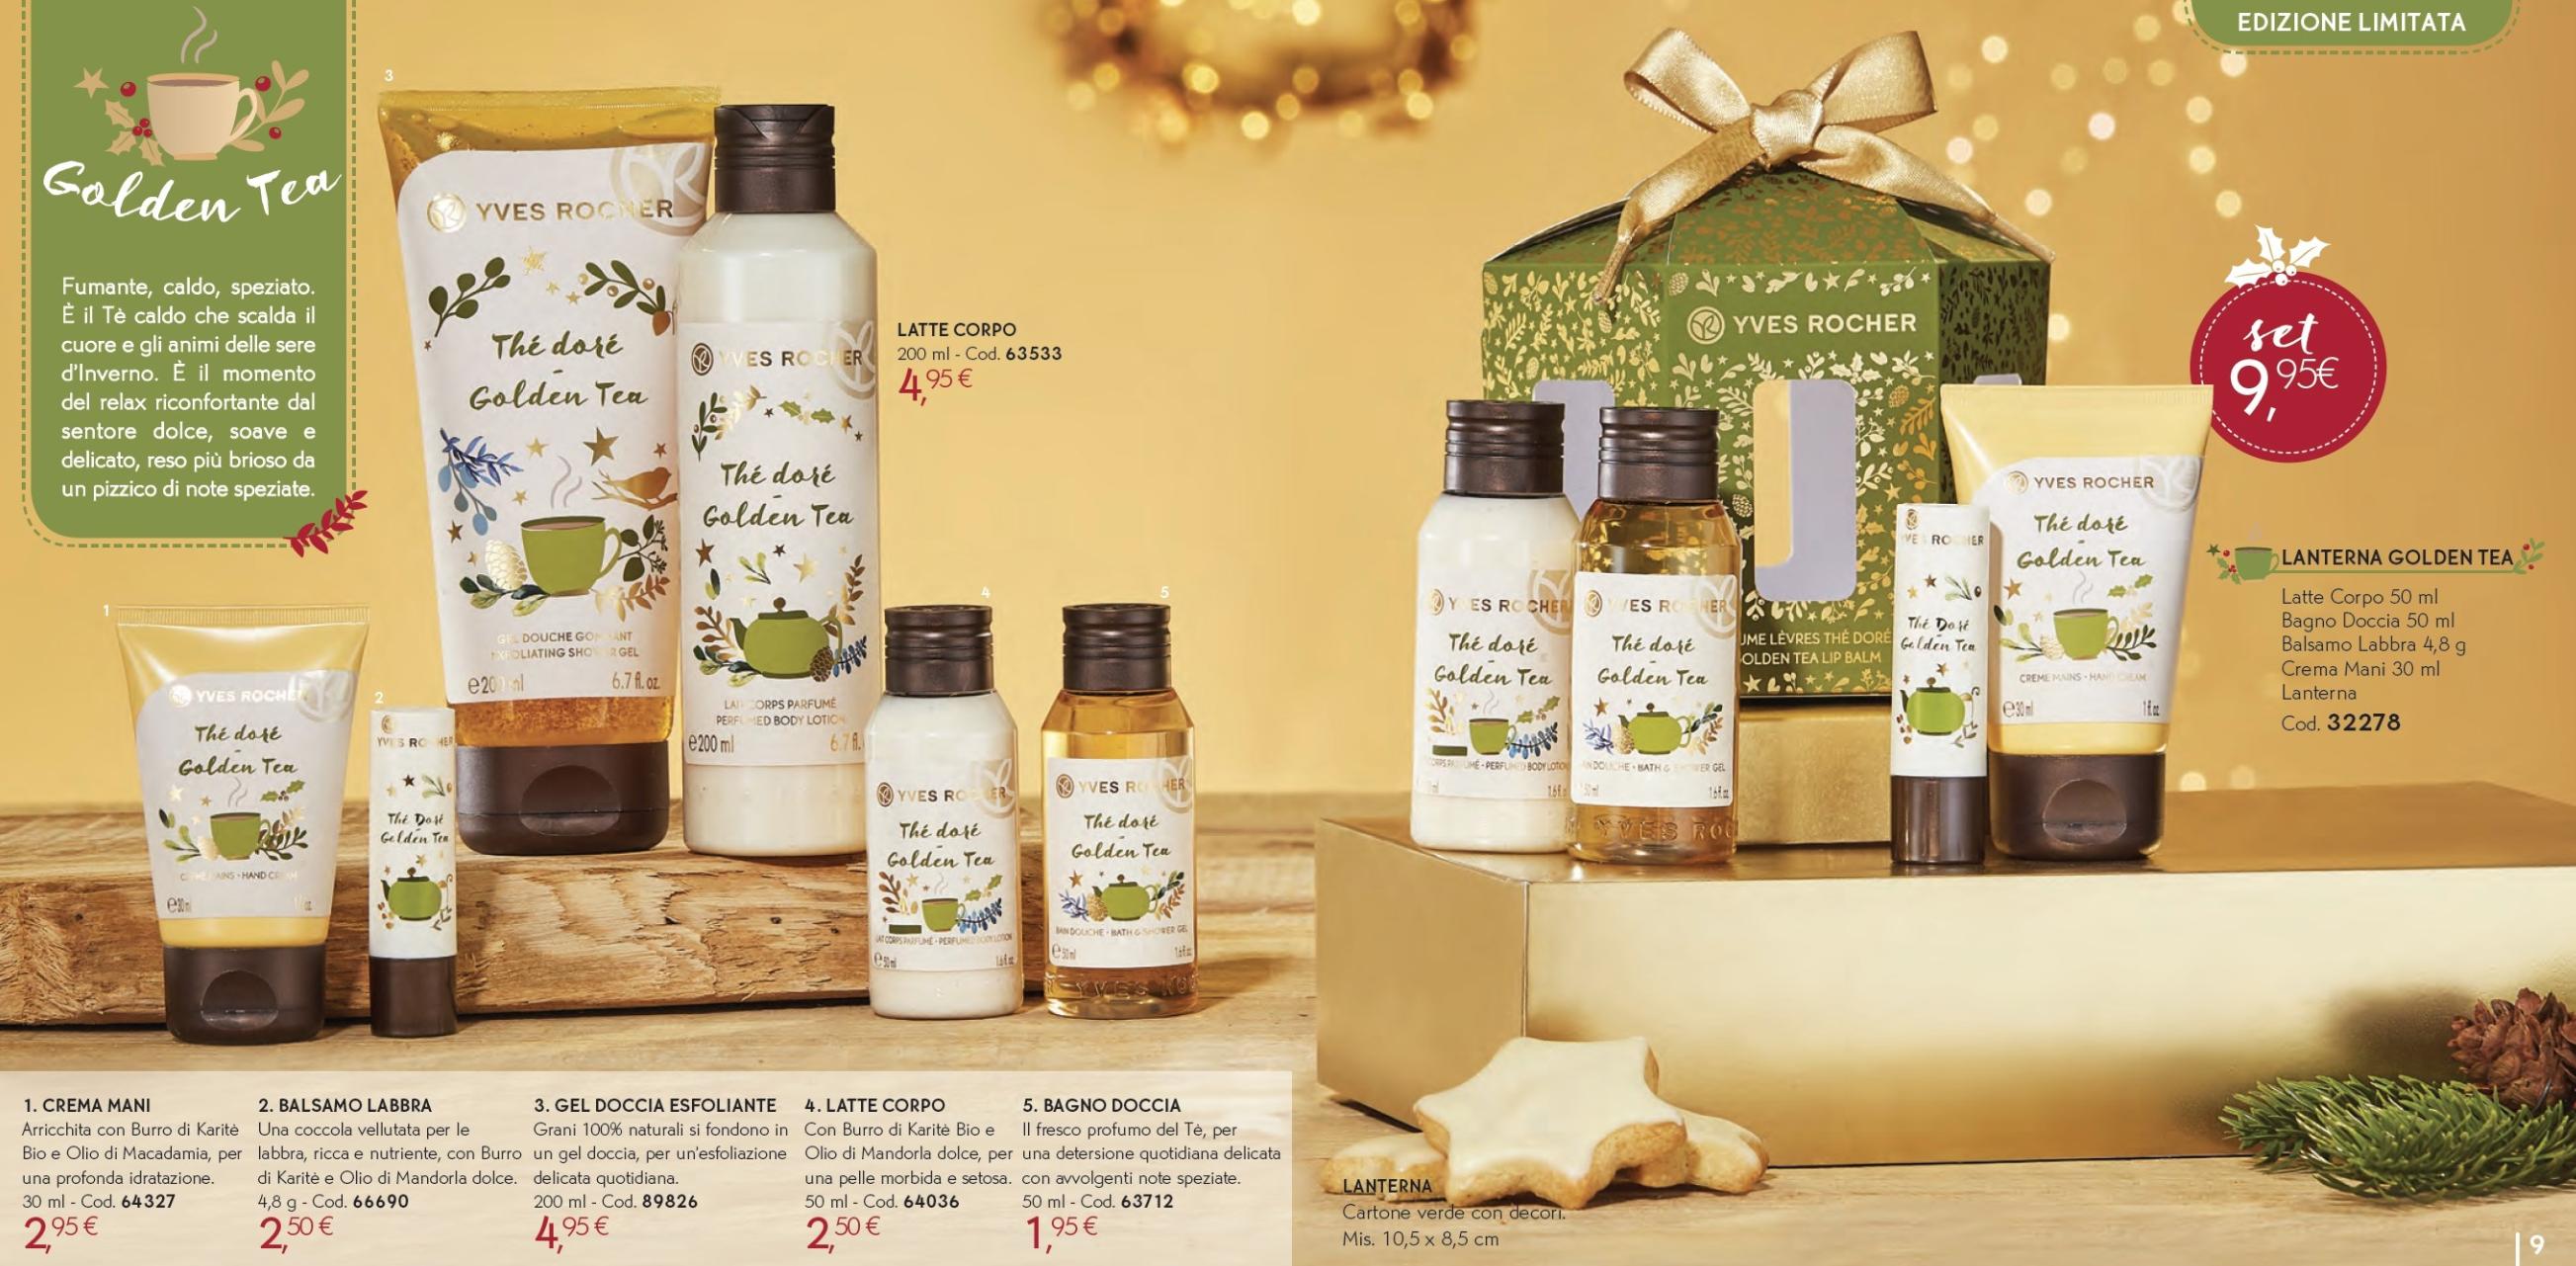 Il Natale Yves Rocher - Idee regalo, cofanetti, info, review, recensione, prezzo, cestini - Golden Tea 1